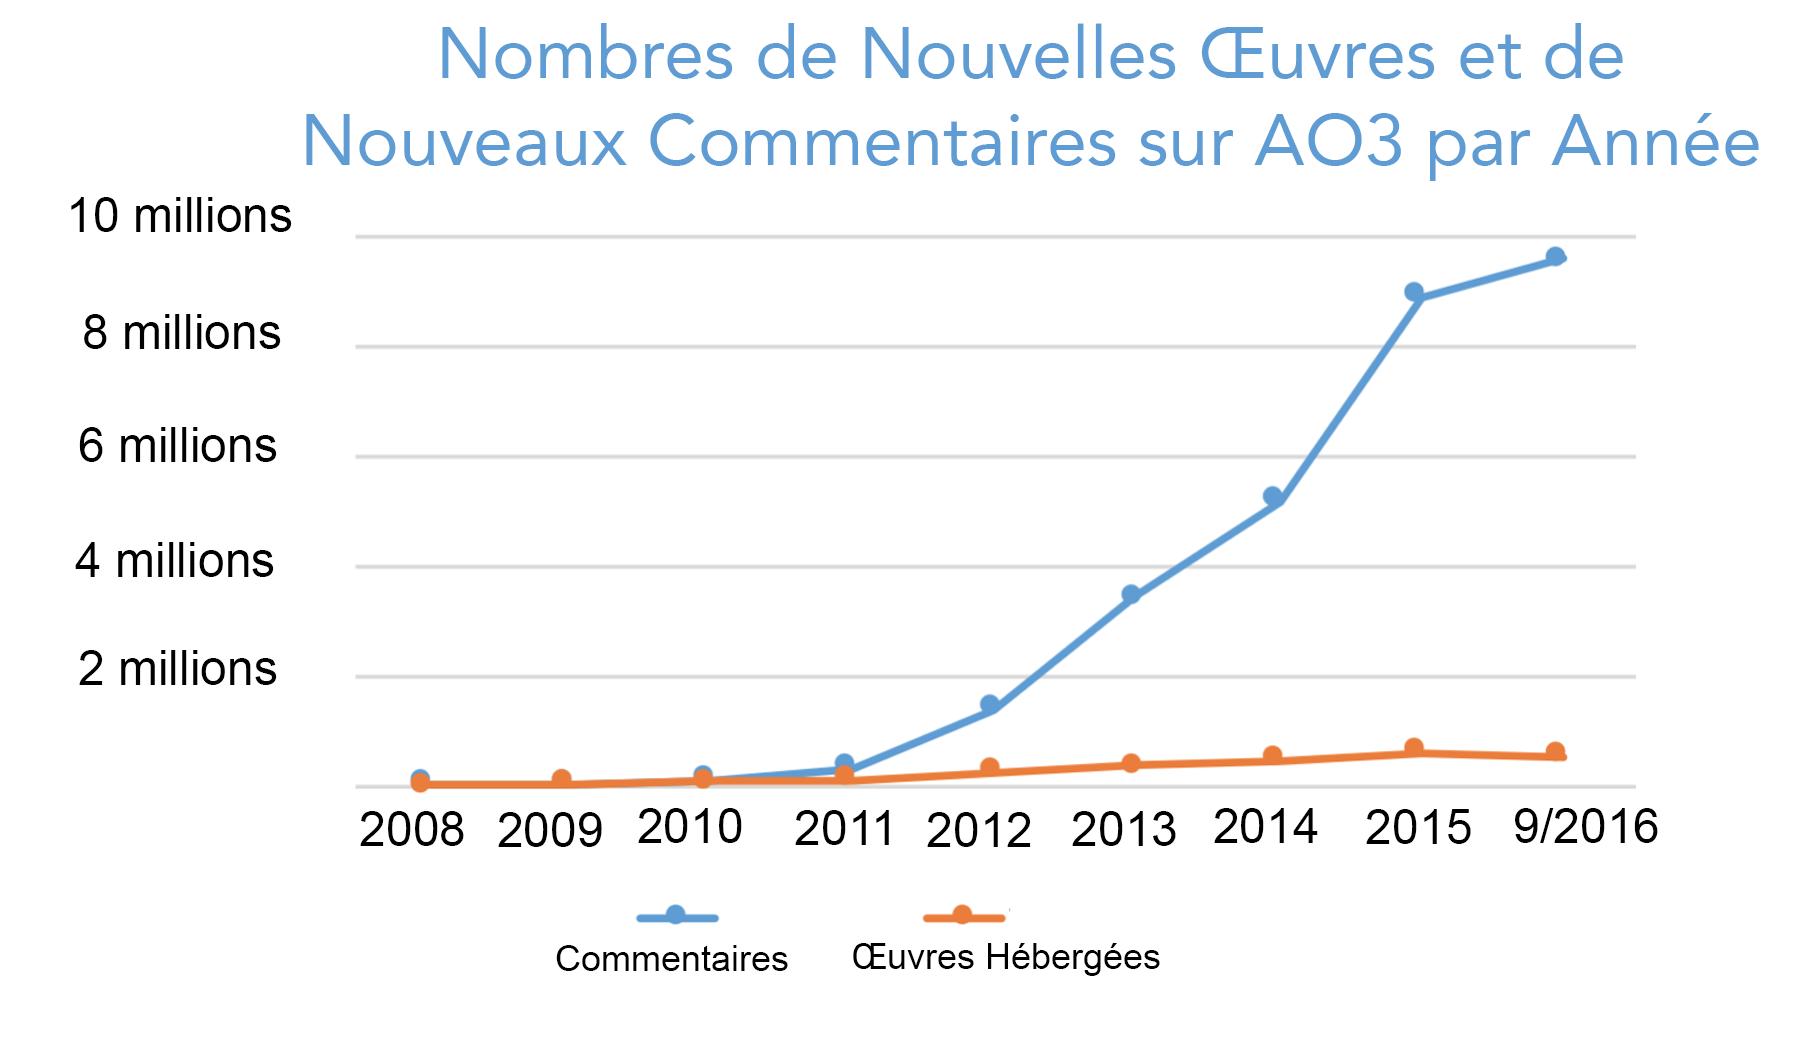 Graphique montrant la croissance du nombre d'œuvres et de commentaires créés chaque année sur AO3, depuis zéro en 2008 jusqu'à plus de 500 000 œuvres et 9 500 000 commentaires pour la seule année 2016.